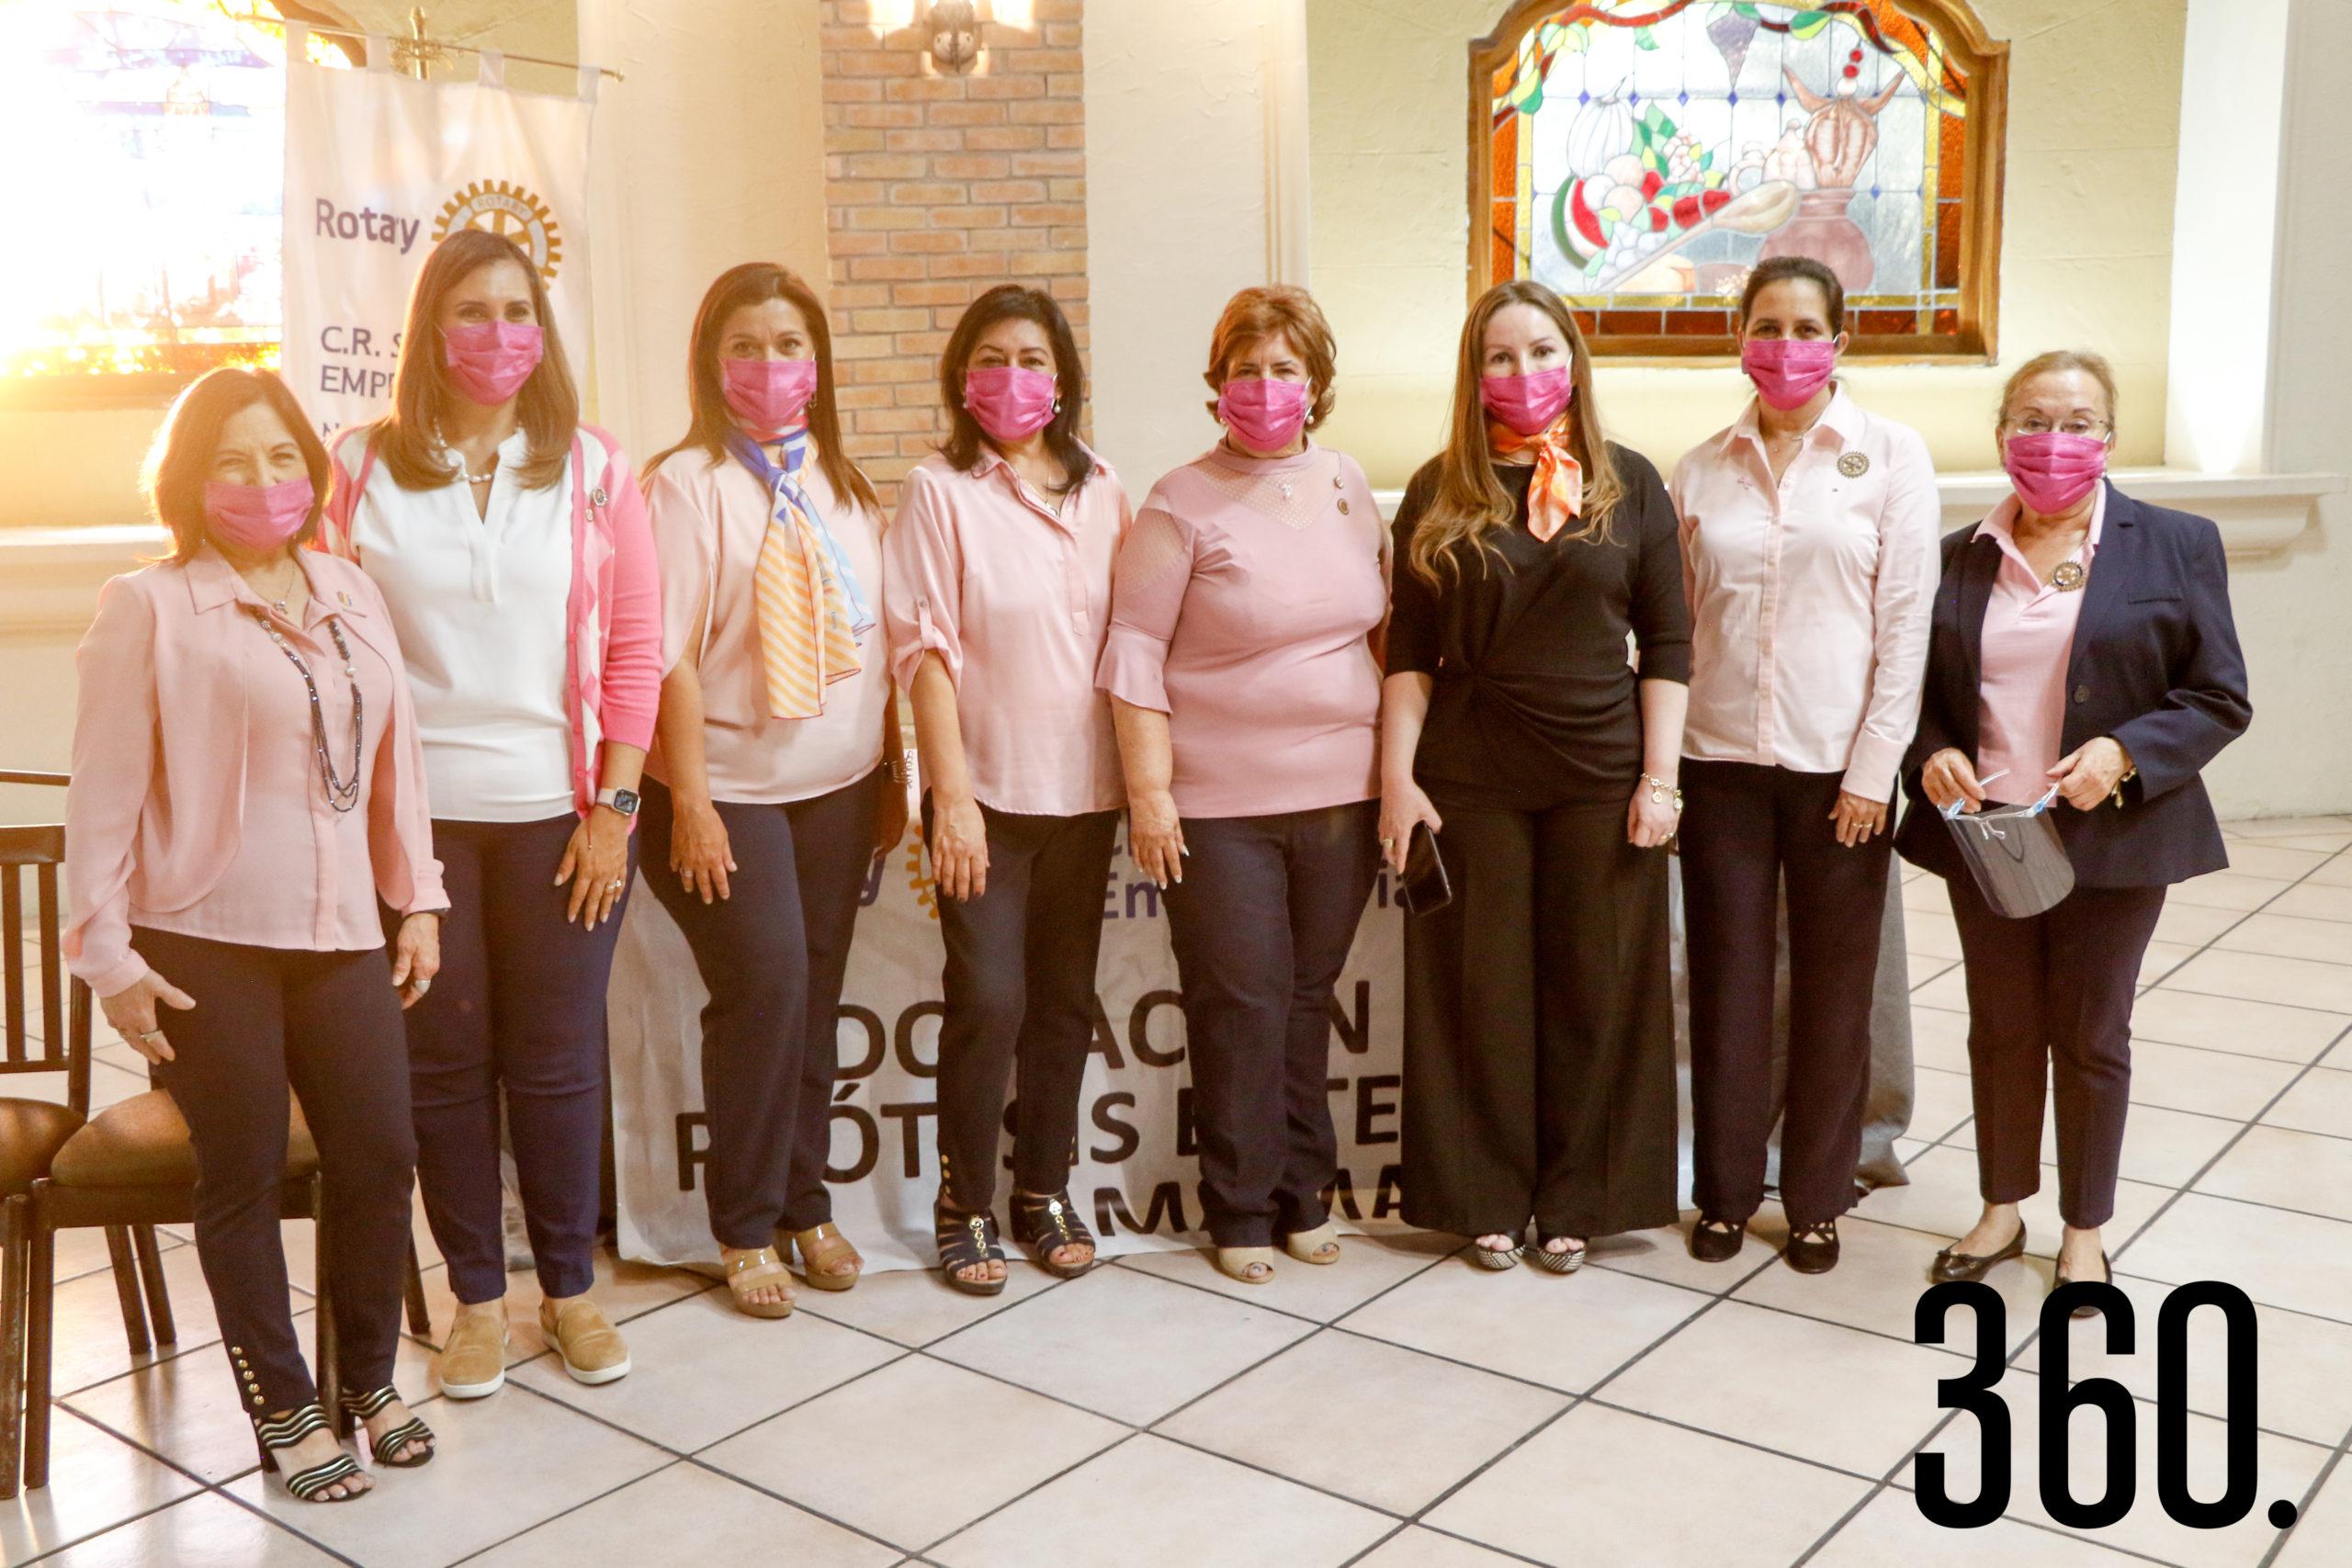 Rosa Hilda Cárdenas, Cynthia Ordaz, Paty Moreno, Lupita Hernández, Sandra Luz Gutiérrez, Katy Salinas, Lorena Valdés y María de los Ángeles Gutiérrez.